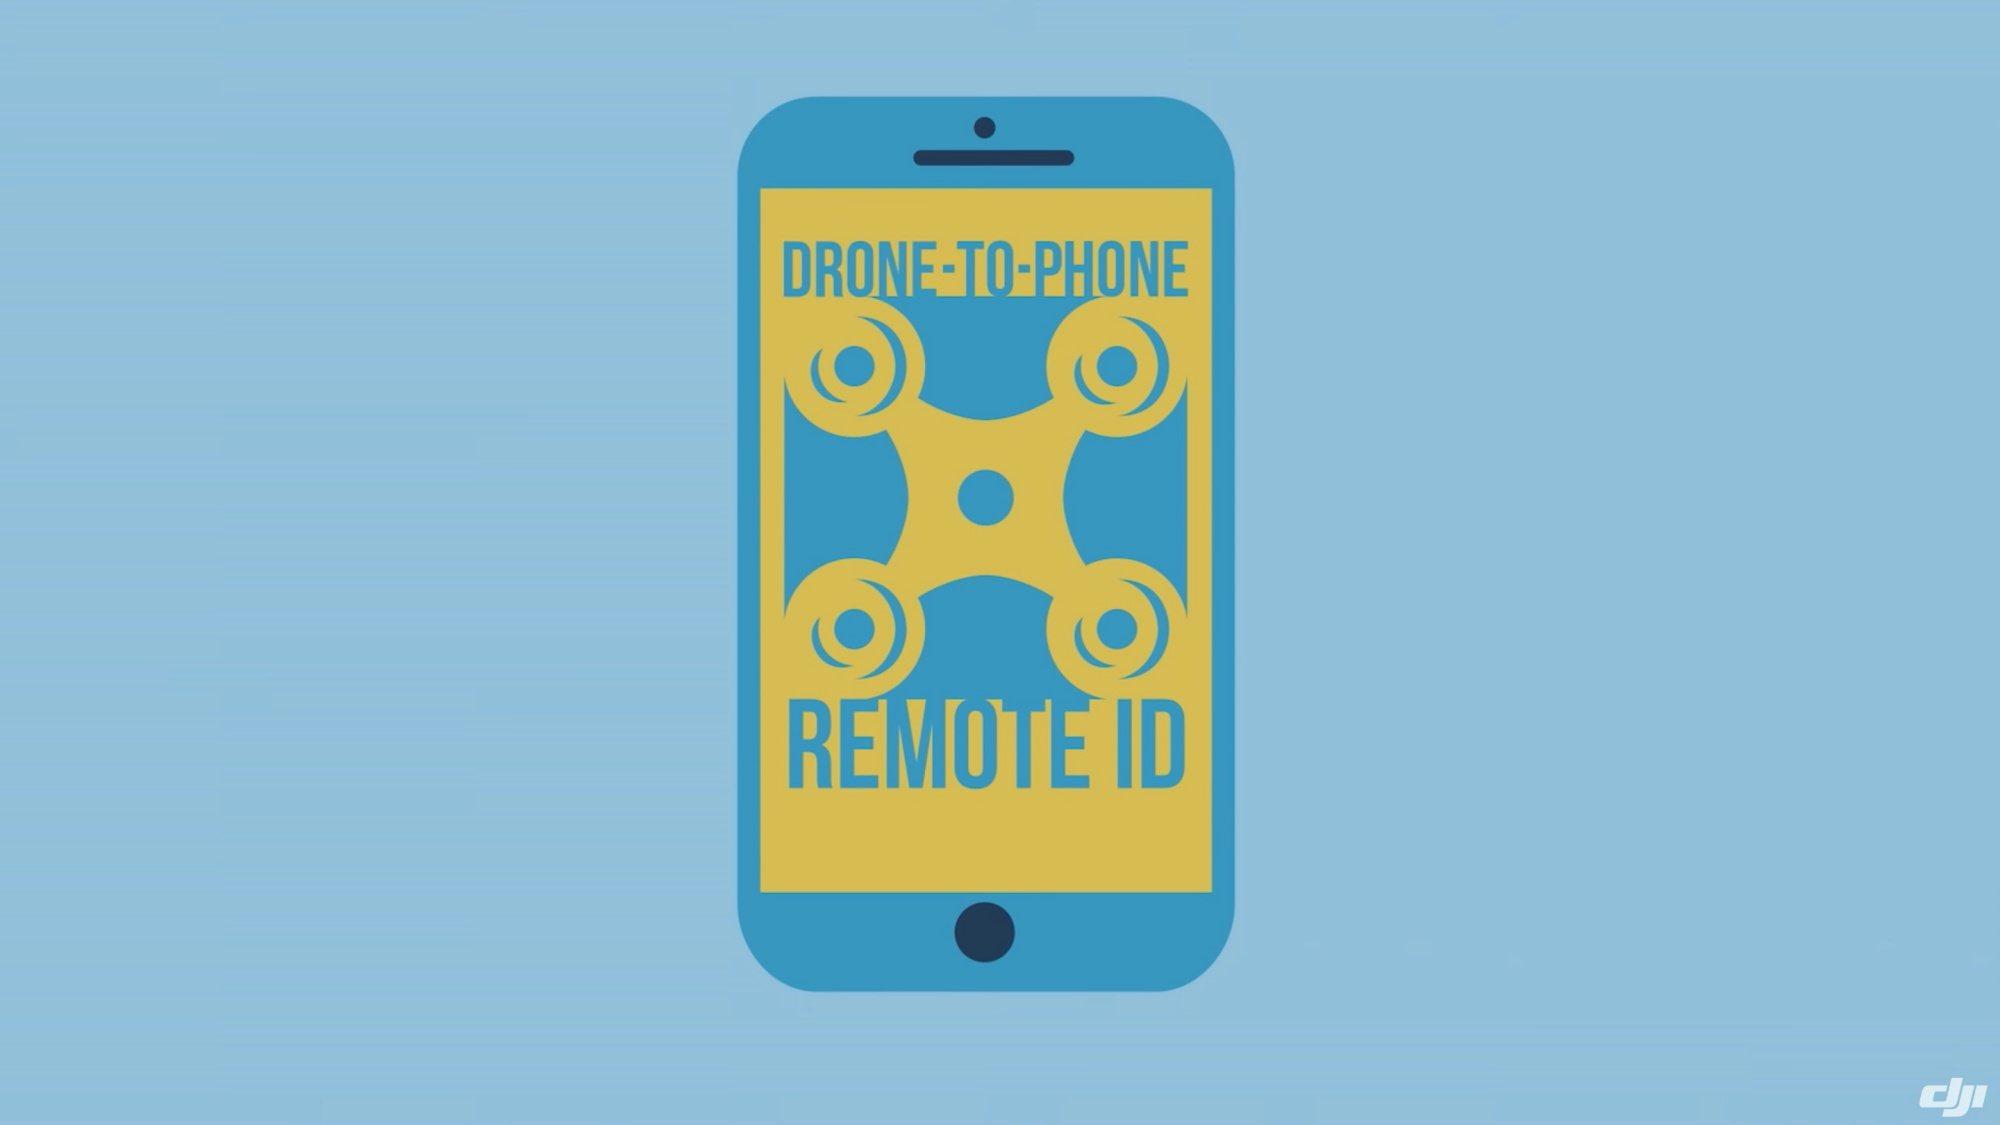 DJI PROPONE SISTEMA PARA IDENTIFICAR REMOTAMENTE A UN DRONE EN VUELO – DRONE TO PHONE REMOTE ID